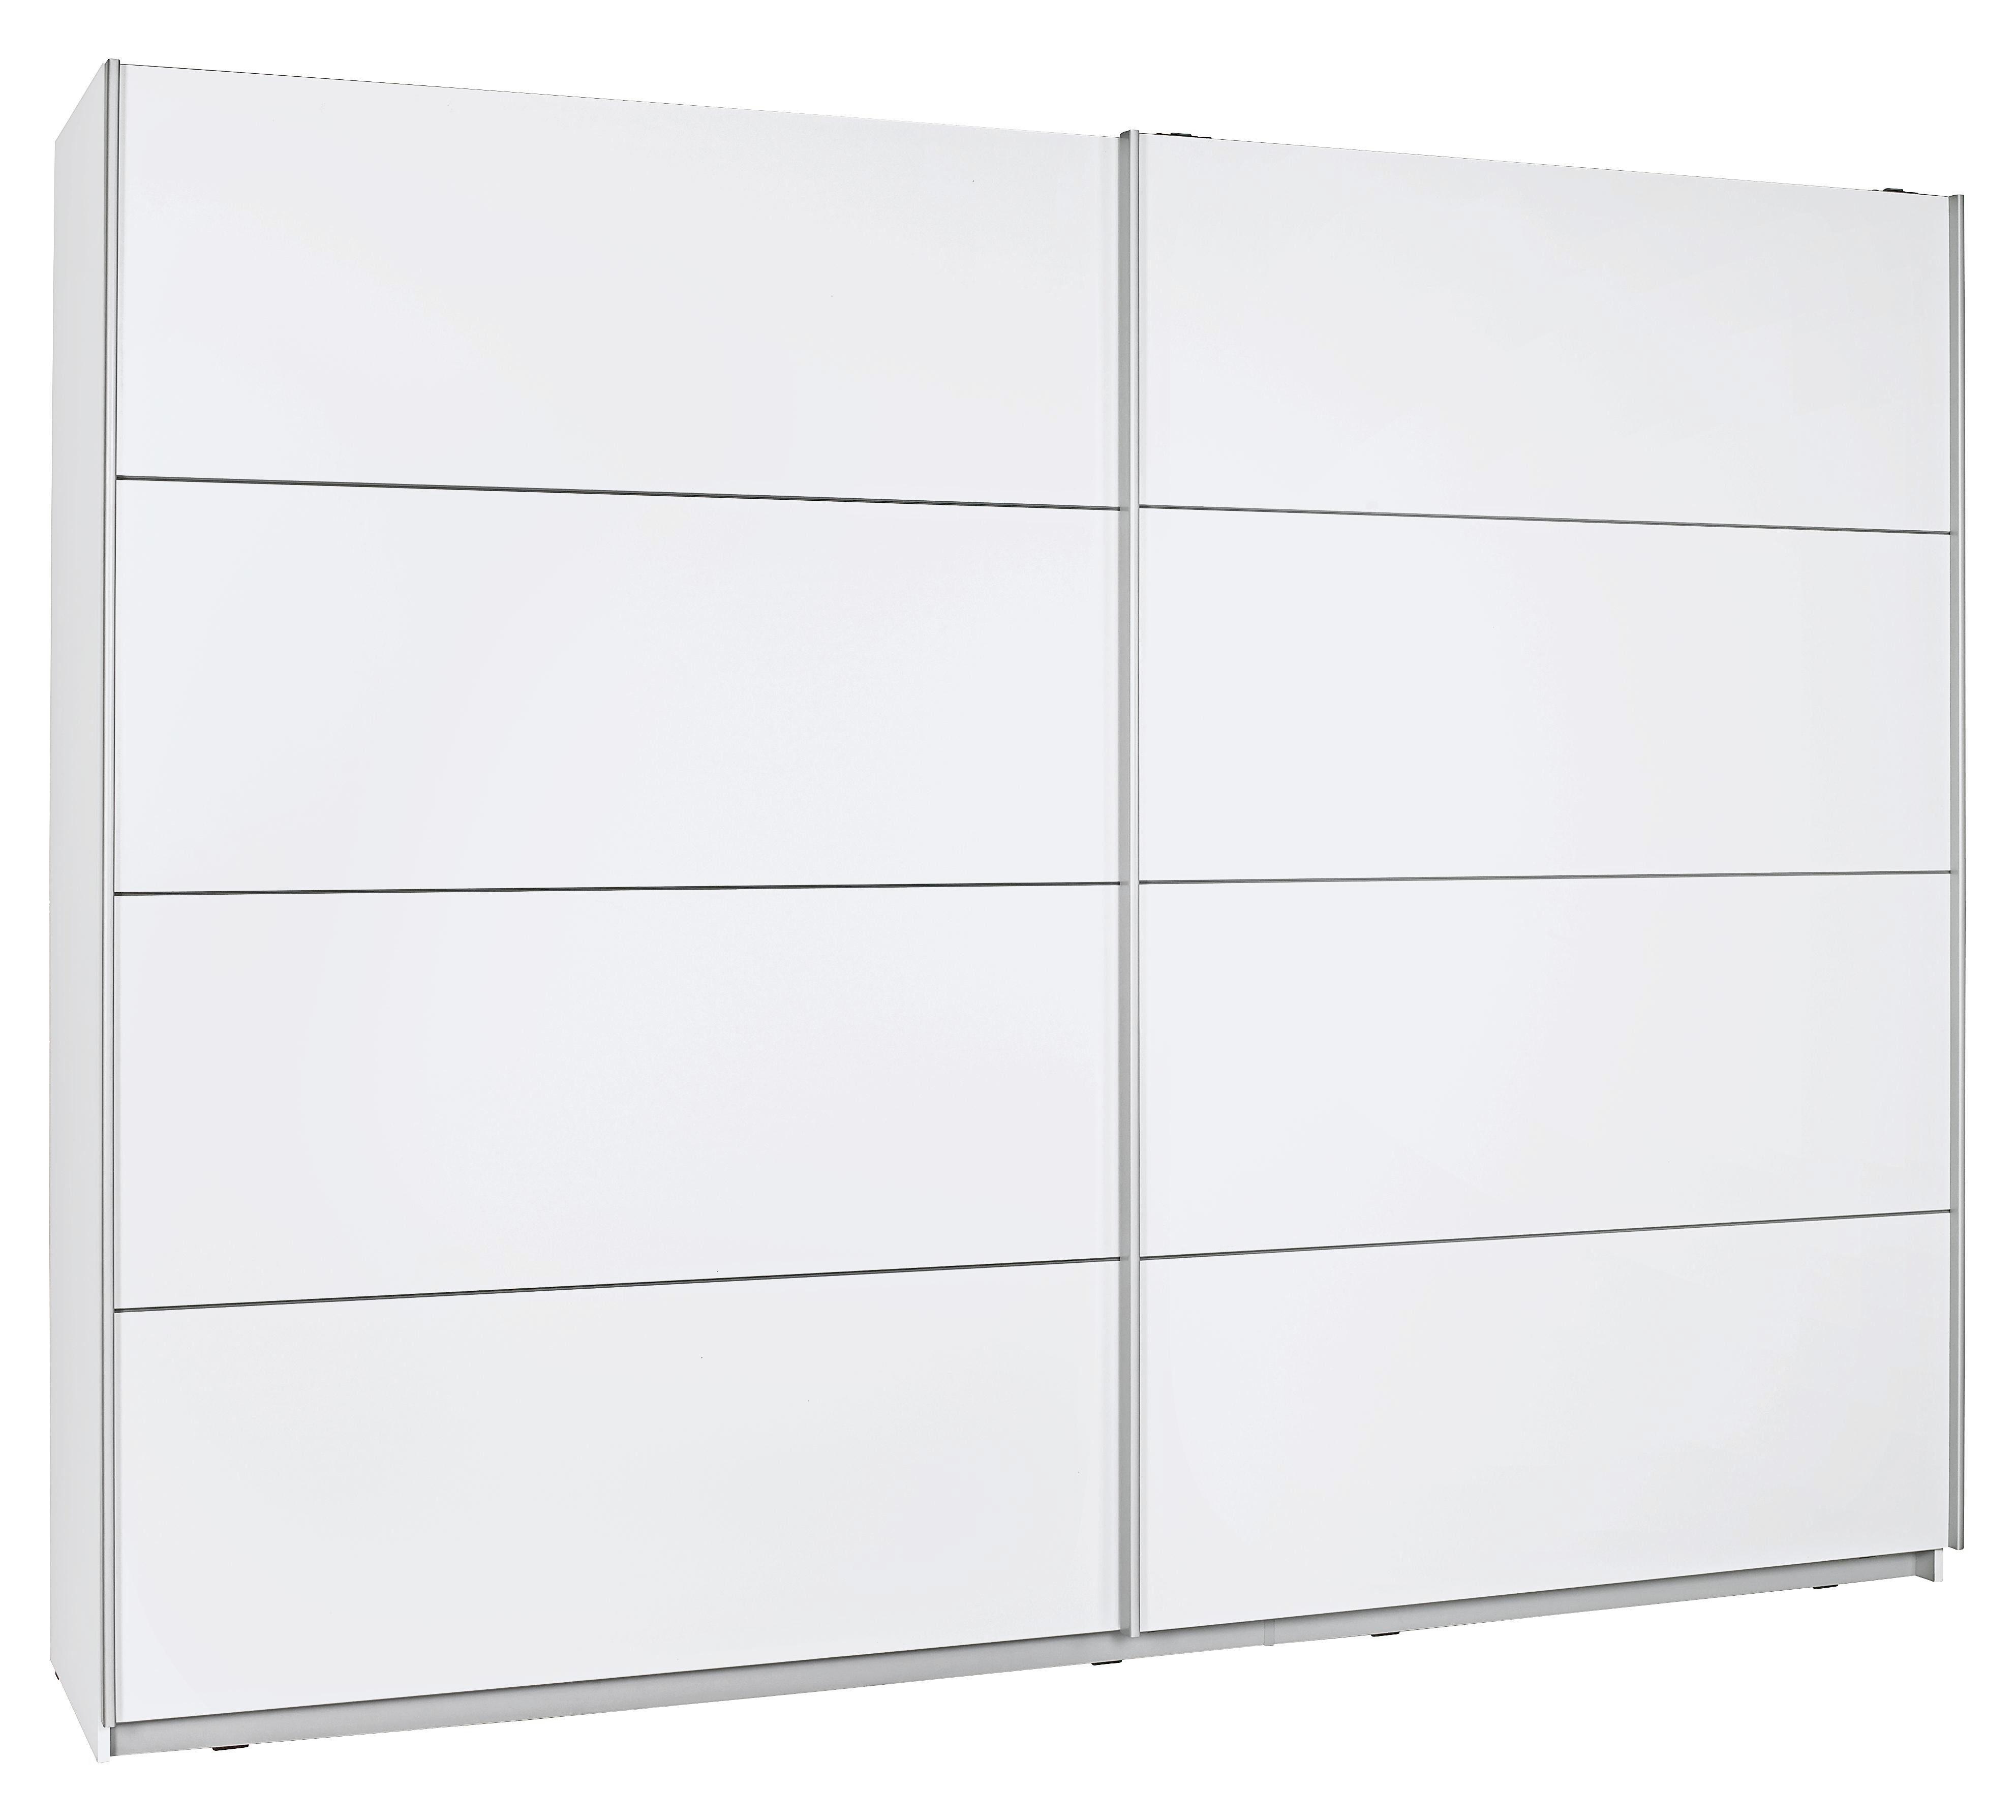 SKJUTDÖRRSGARDEROB - vit/silver, Design, metall/träbaserade material (270/210/61cm) - Low Price